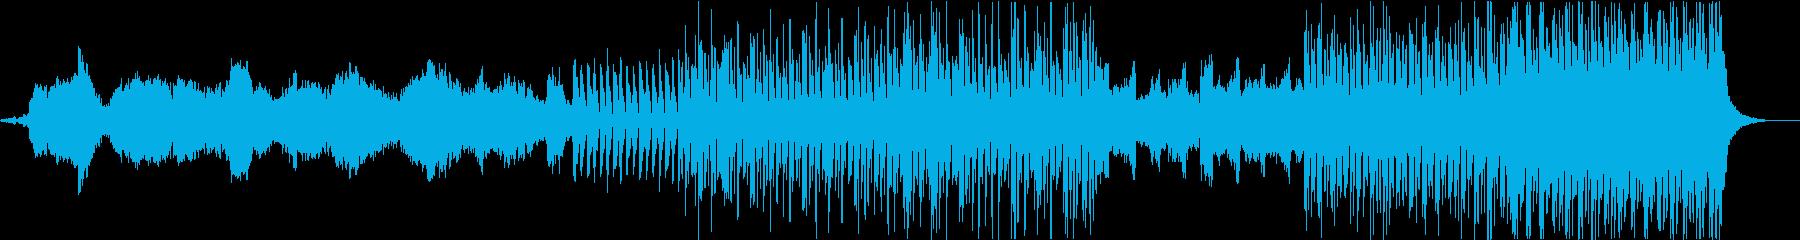 リズミカルなオーケストラと金管楽器の弦をの再生済みの波形